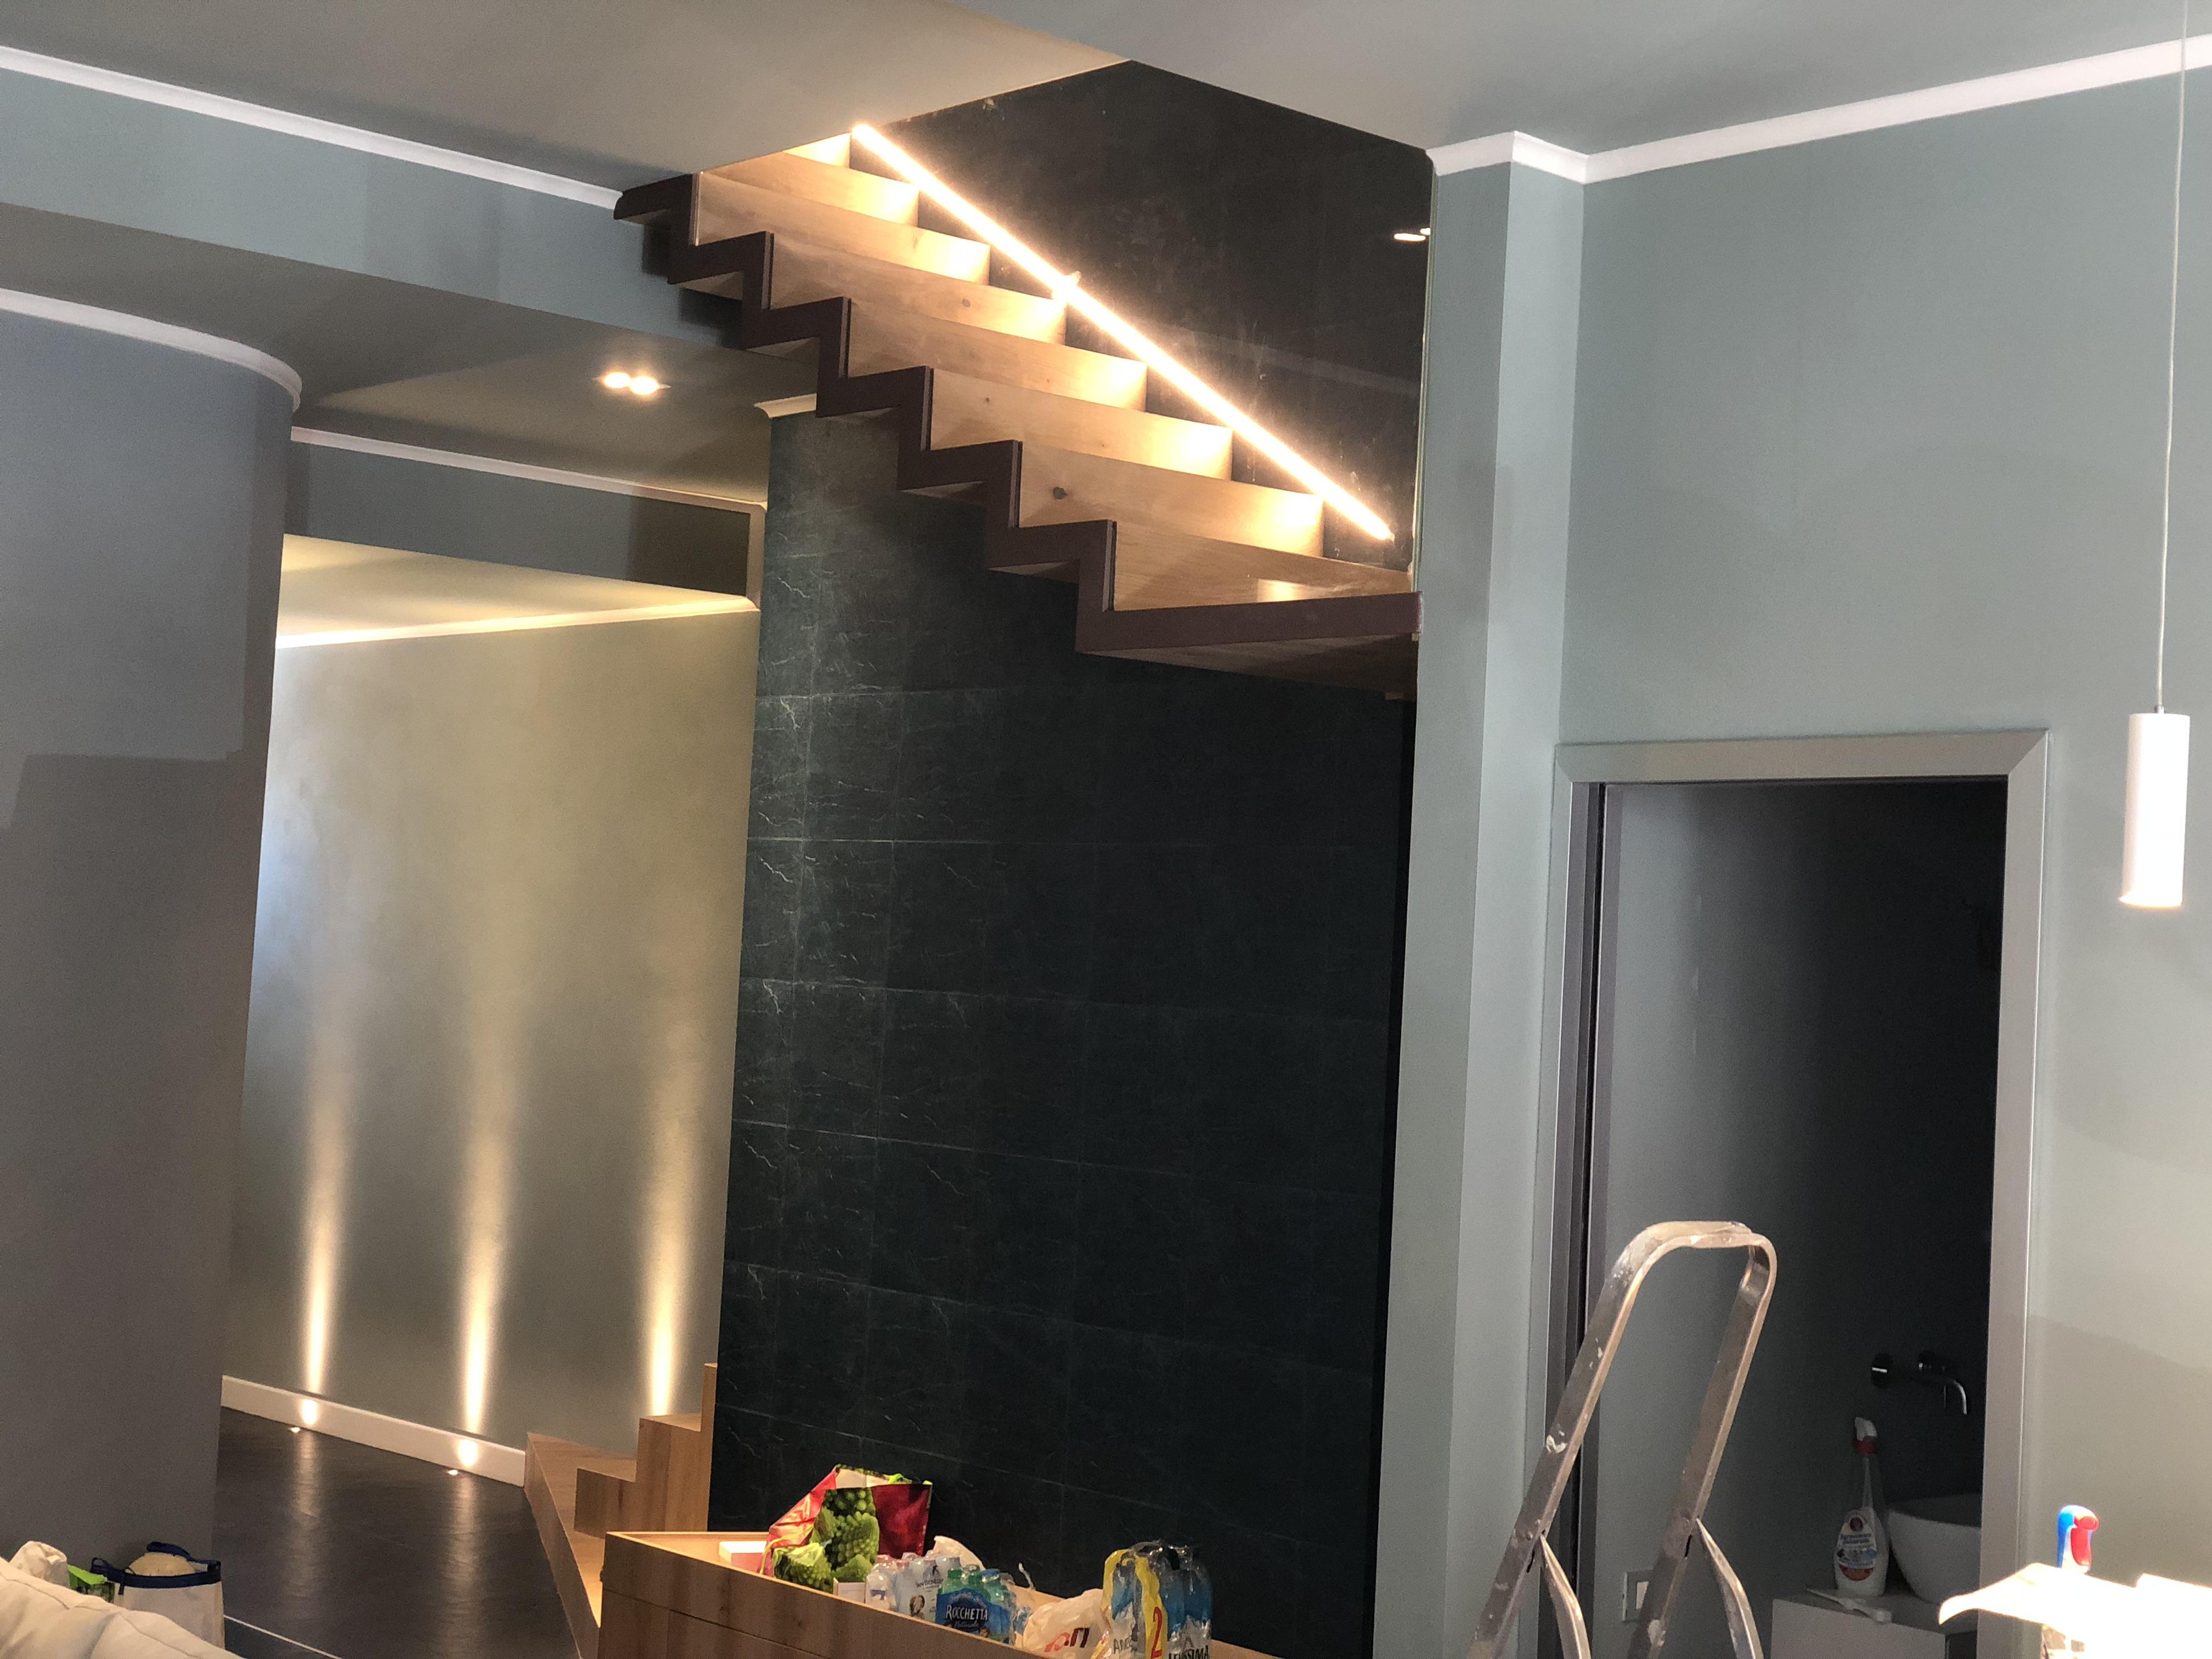 Illuminazione scale linea luce led per valorizzare i tuoi gradini